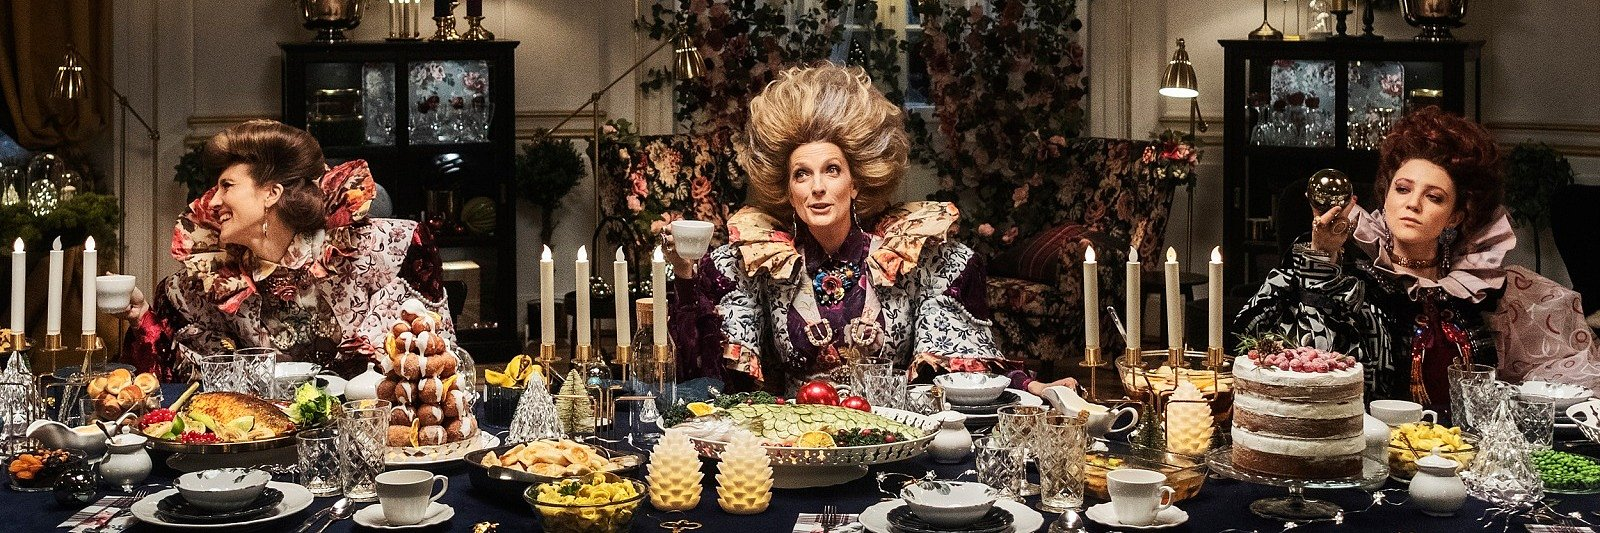 Z produktami IKEA Święta będą jeszcze bardziej magiczne. Rusza zimowa kampania IKEA